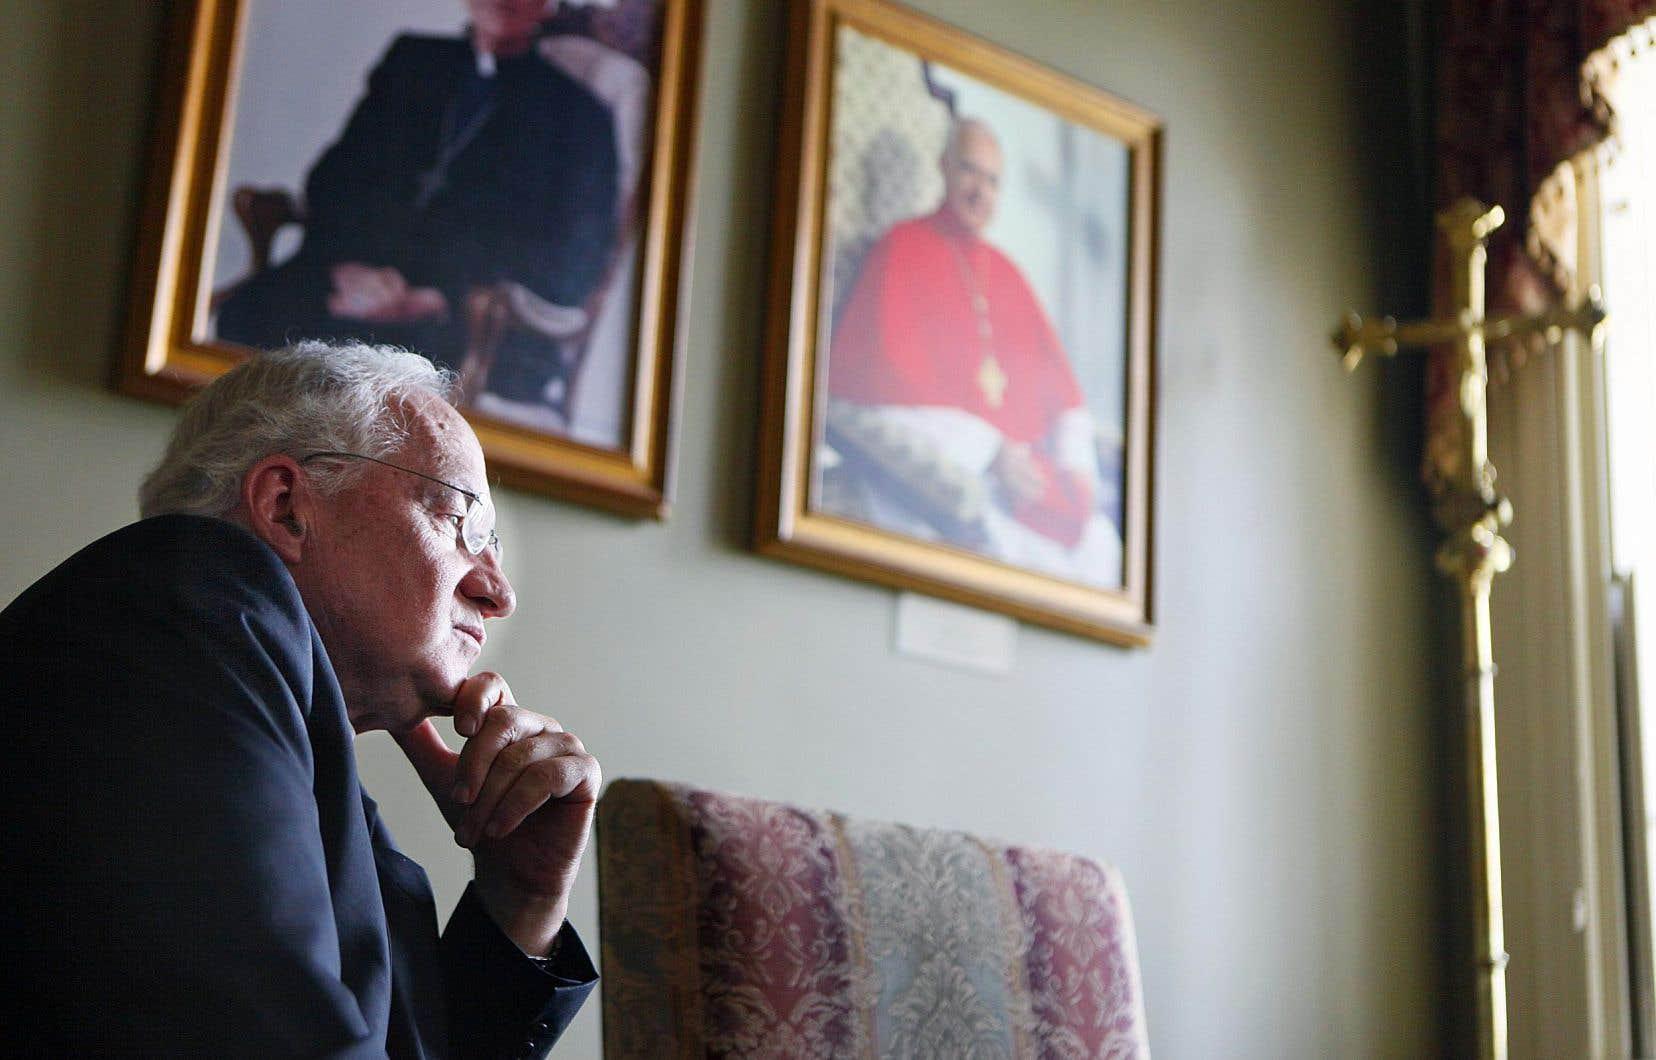 Avant de devenir membre de la Curie romaine, Marc Ouellet a été l'archevêque de Québec de 2003 à 2010.